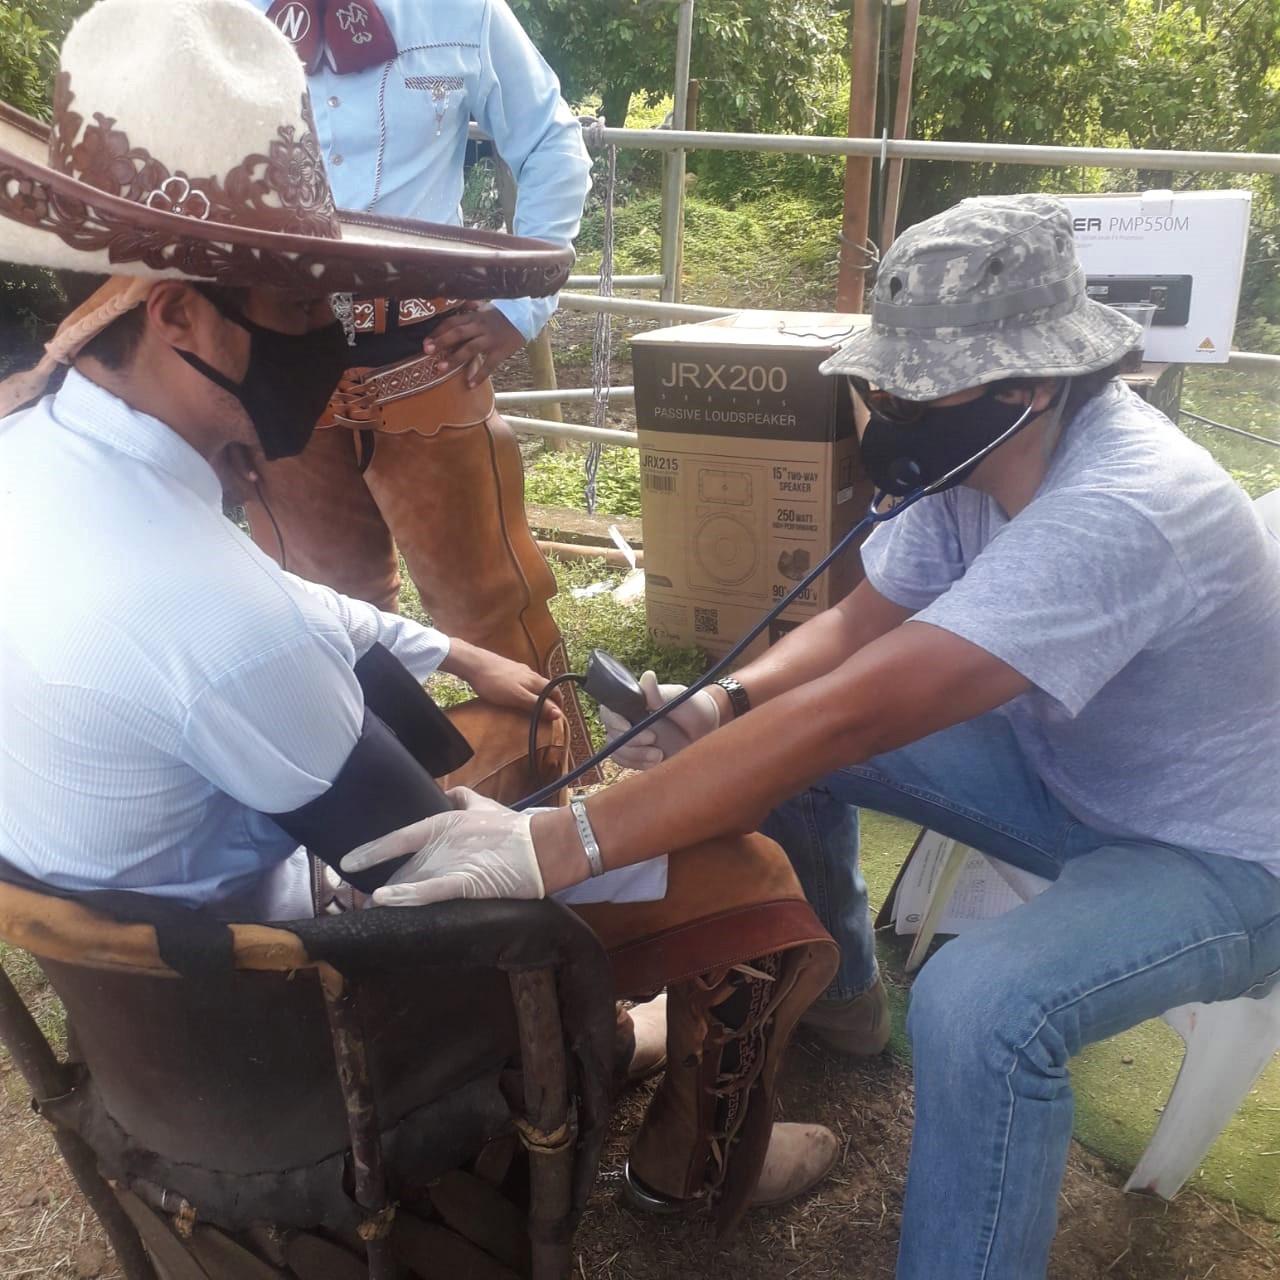 Los campeonatos estatales han cubierto los requisitos de la Federación, como es la revisión médica previo a las competencias, como fue el caso de Guerrero